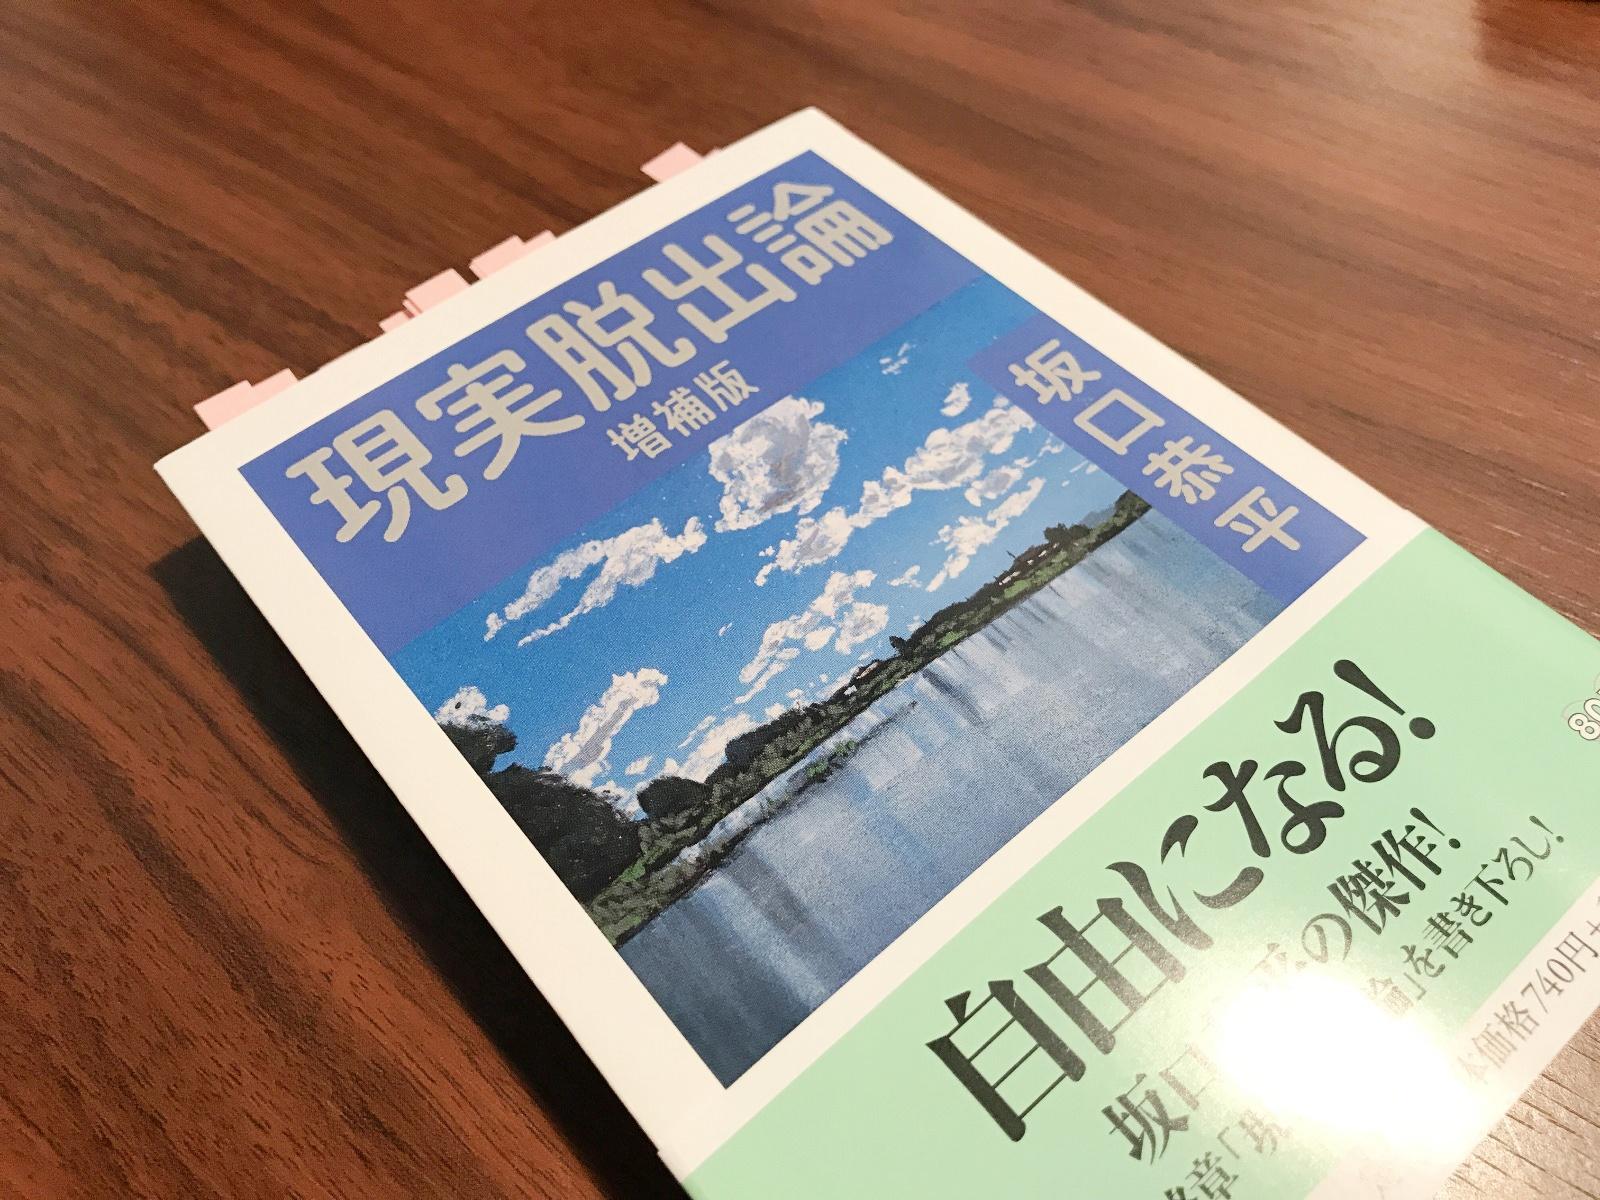 生き方2.0? 坂口恭平著『現実脱出論』を読んで。